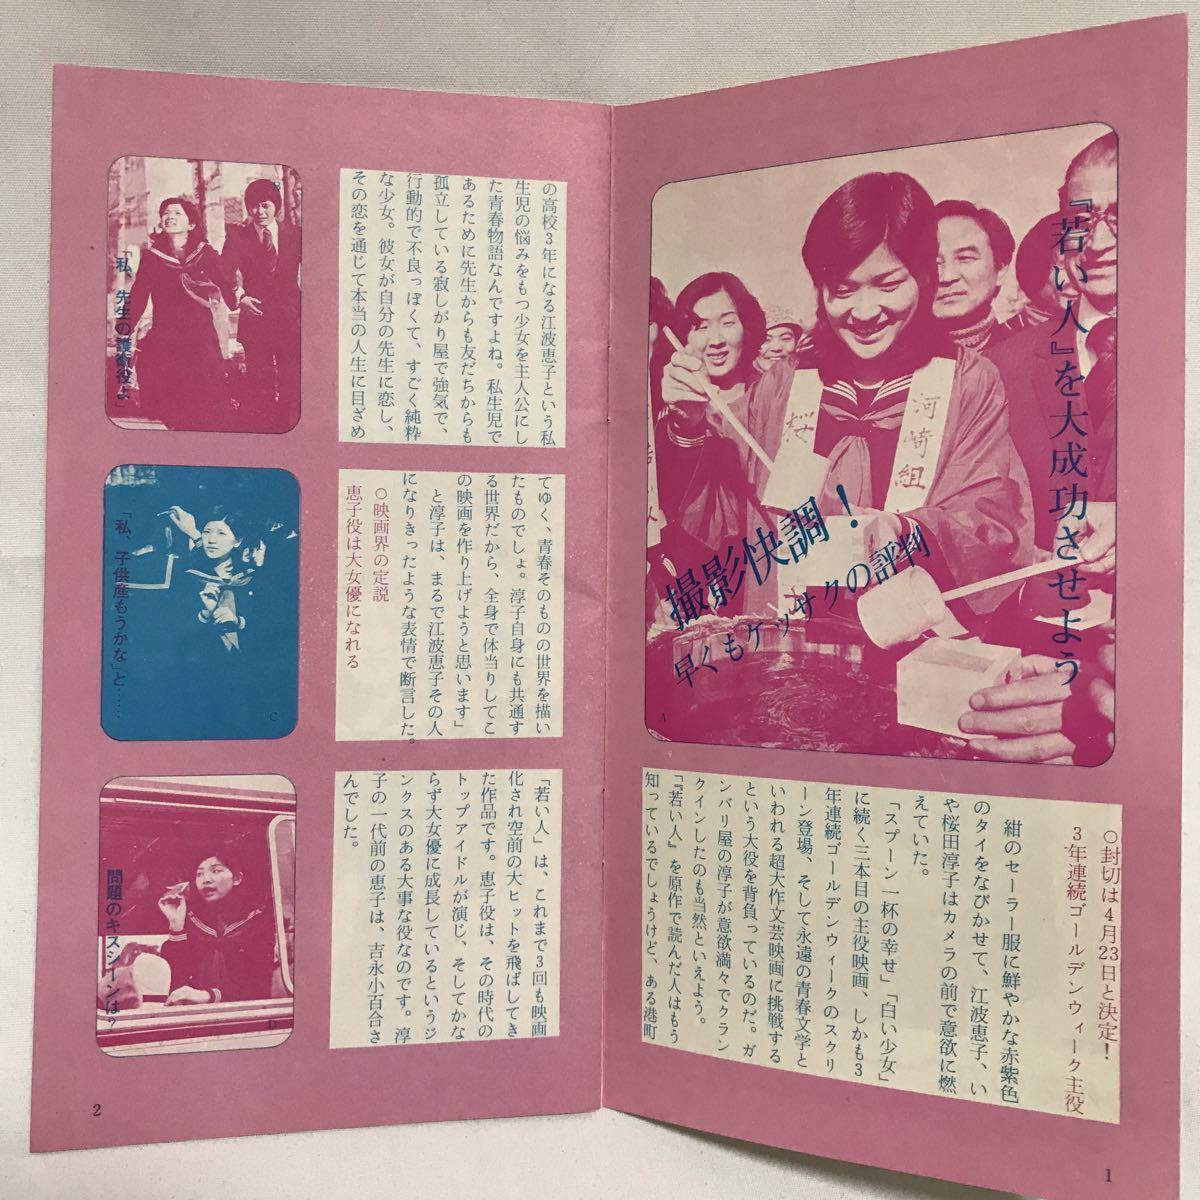 桜田淳子ファンクラブ会報誌/さくらんぼNo.23★昭和52年(1977年)発行 _画像2